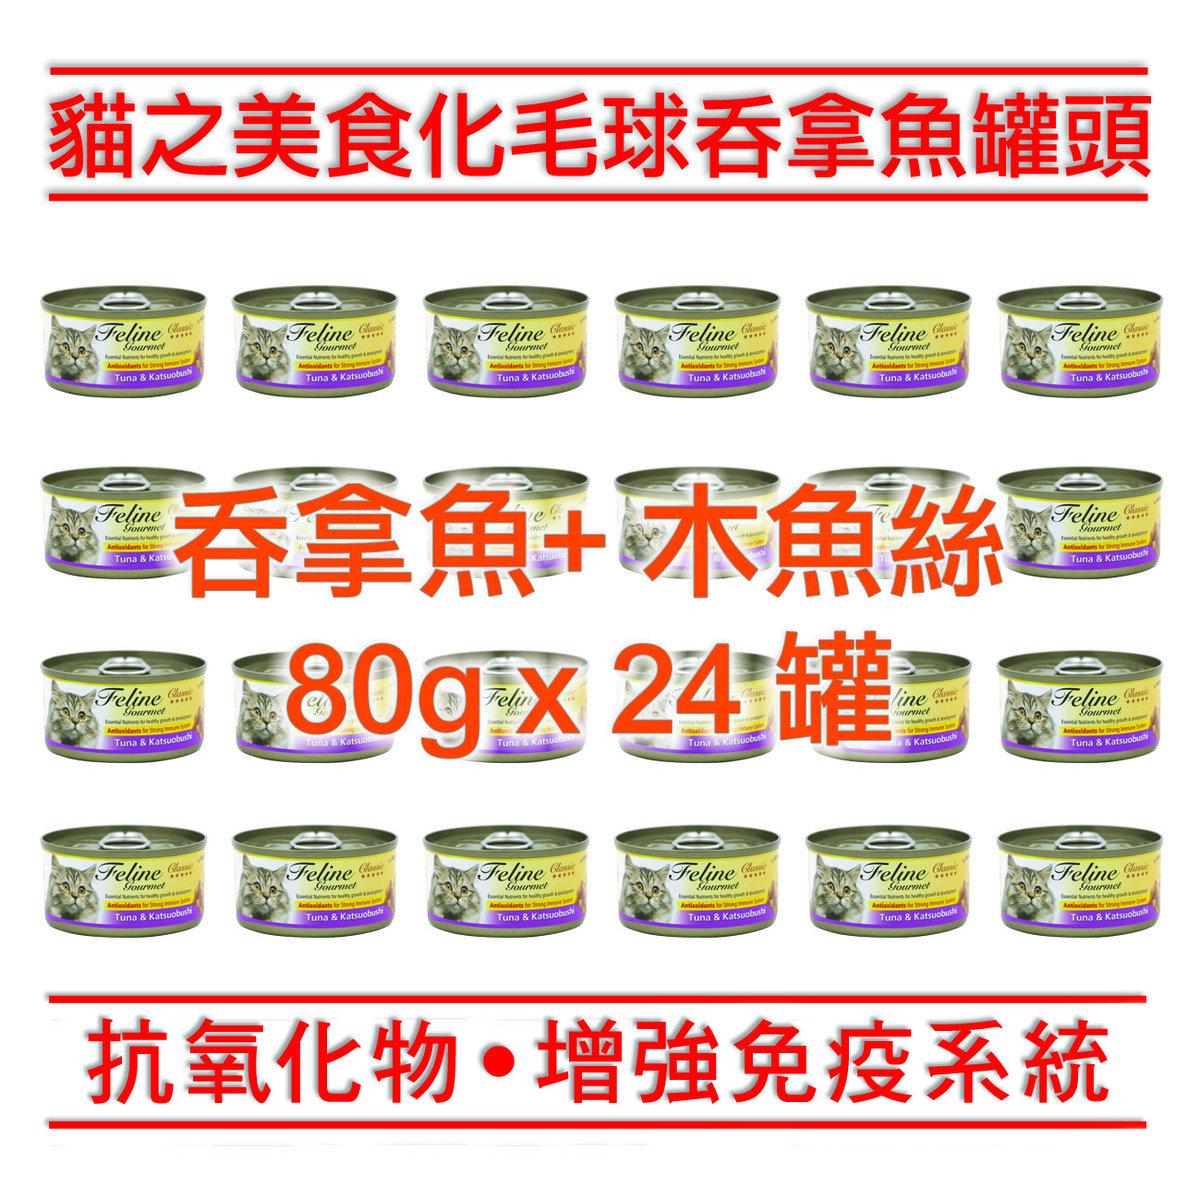 吞拿魚+柴魚 - 化毛球  80g x 24 罐